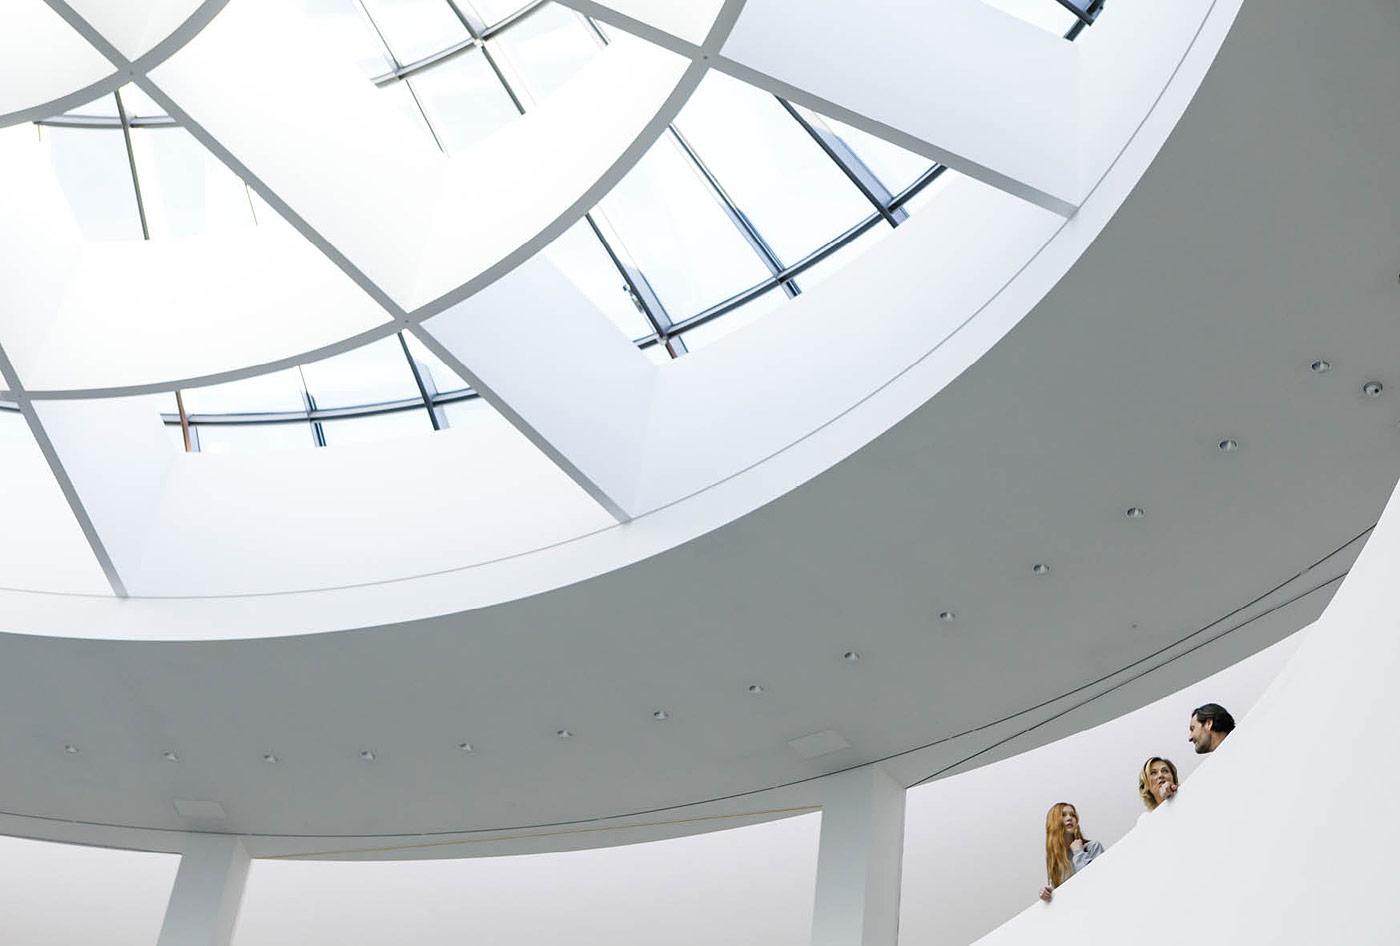 Architektur und People - Fotoshooting Pinakothek der Moderne